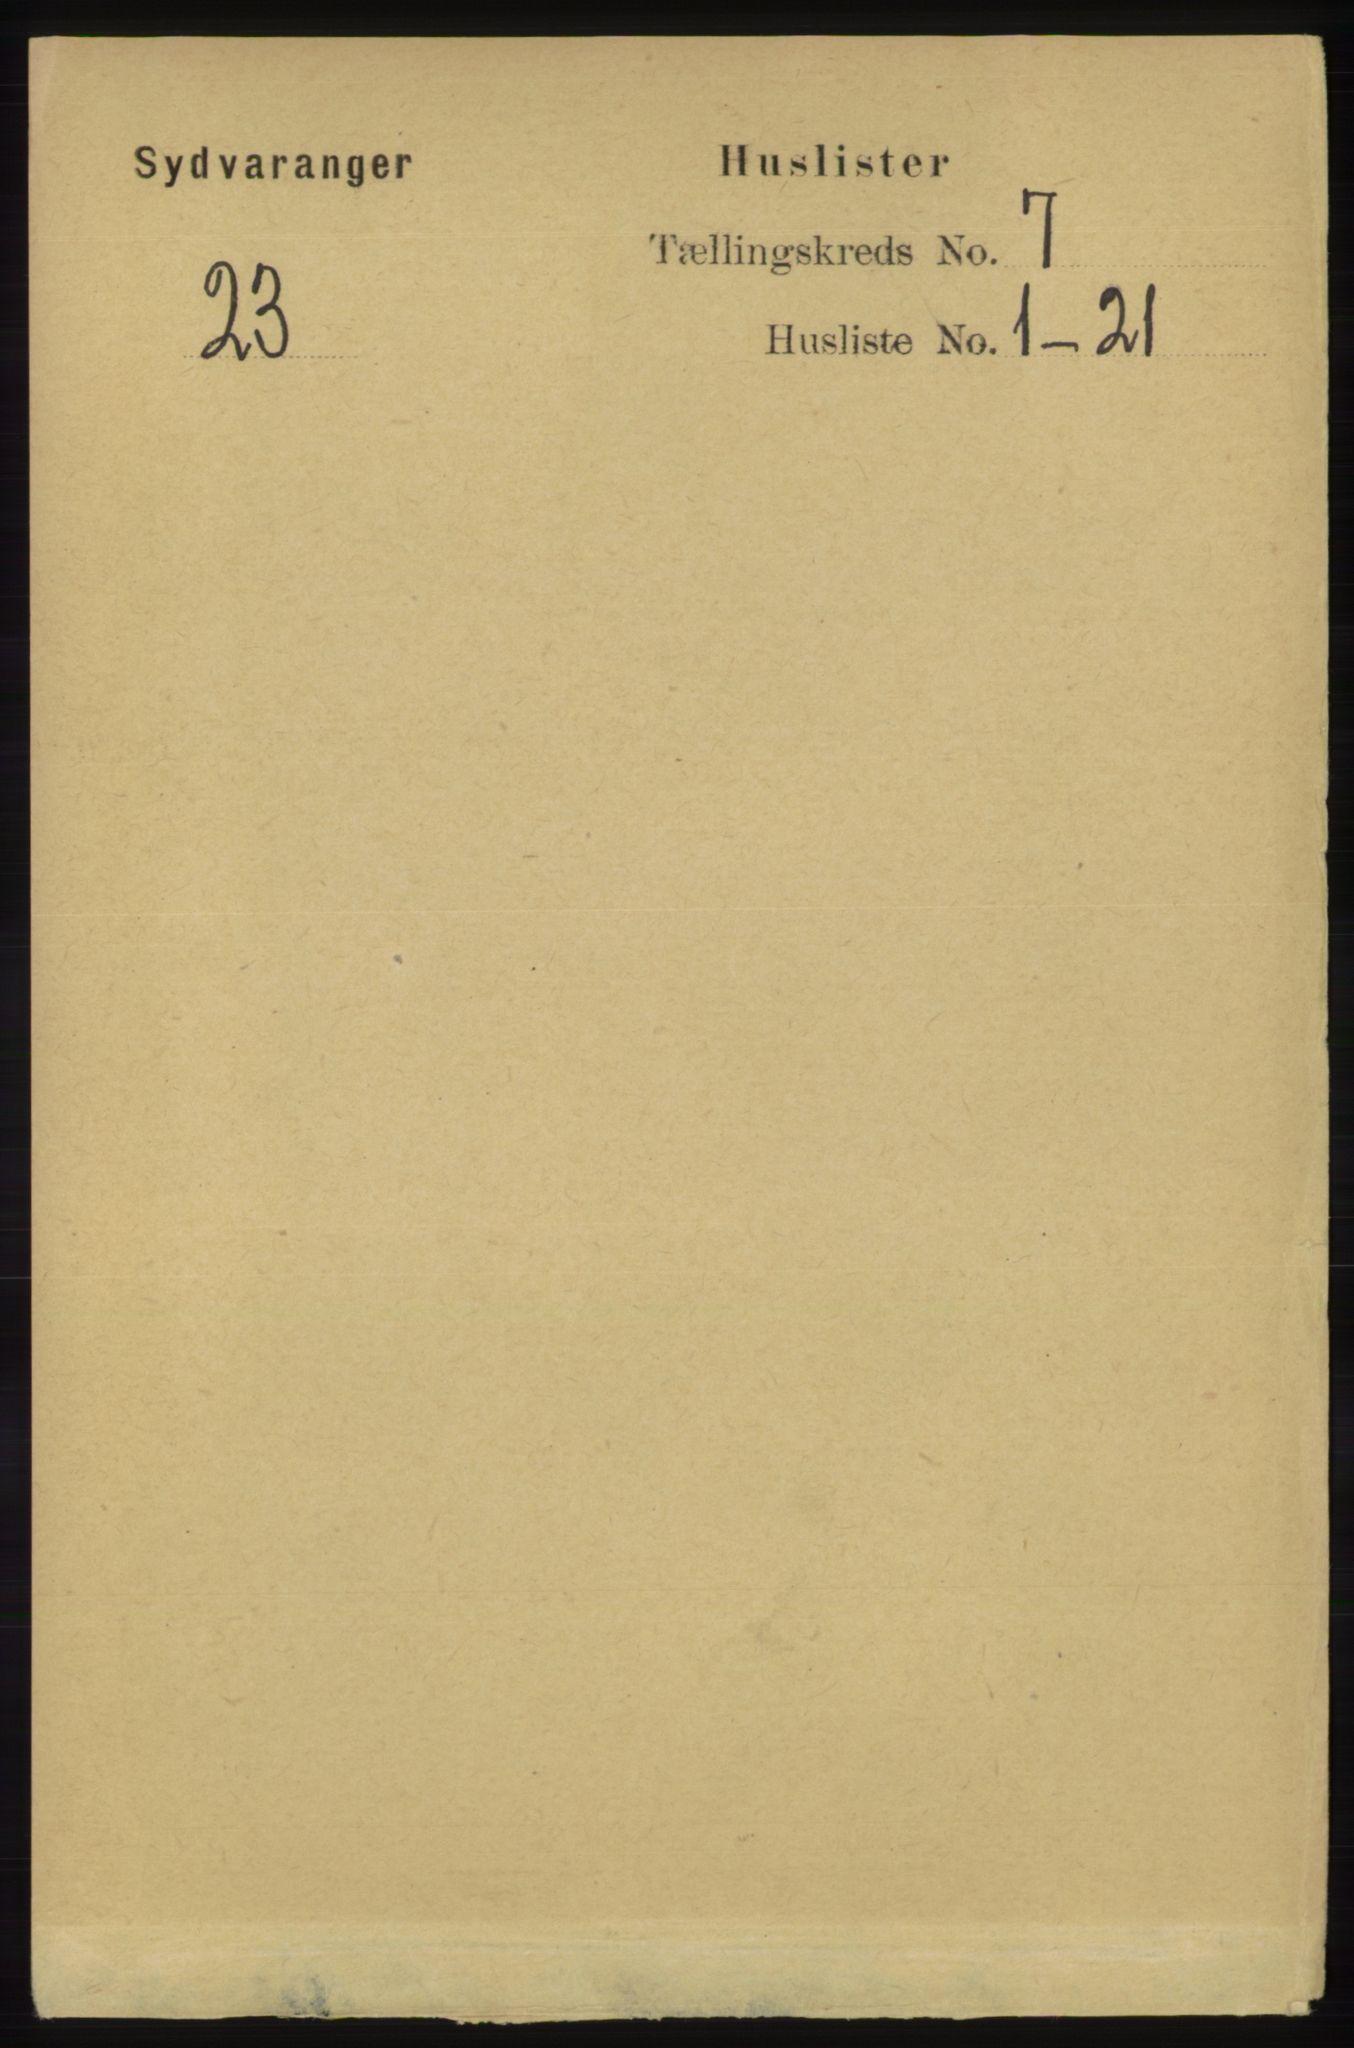 RA, Folketelling 1891 for 2030 Sør-Varanger herred, 1891, s. 2227